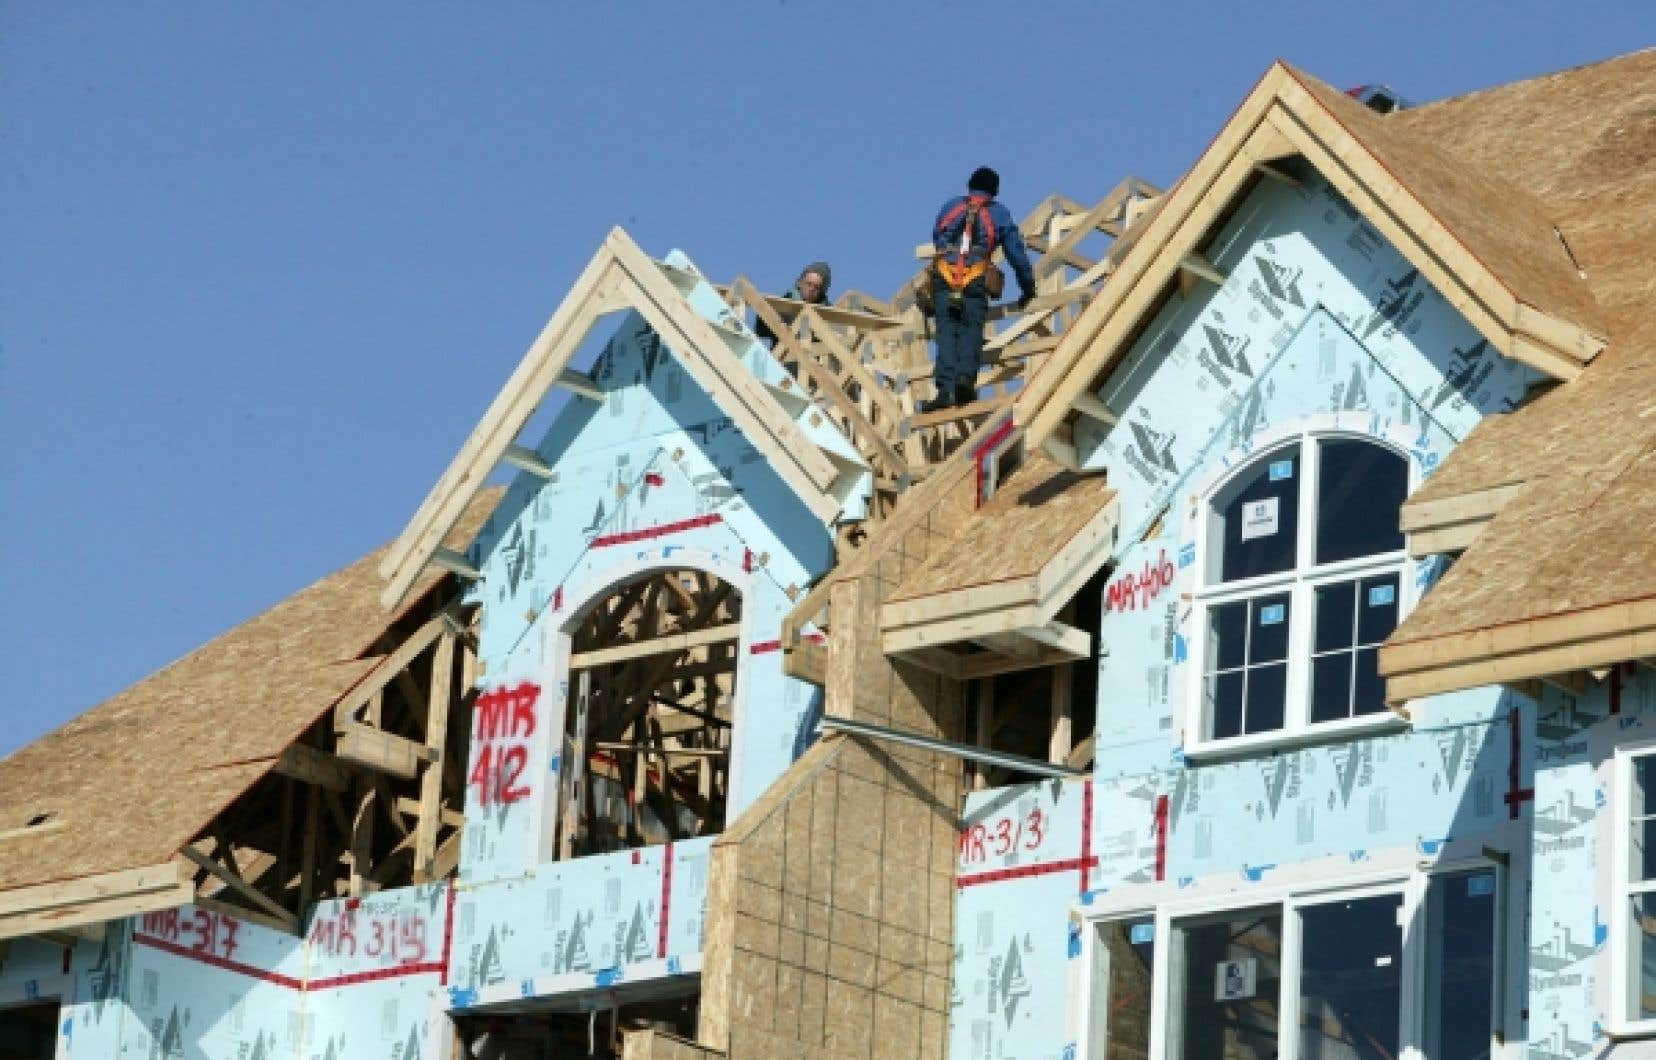 Le concept d'habitation durable gagne du terrain au Québec.